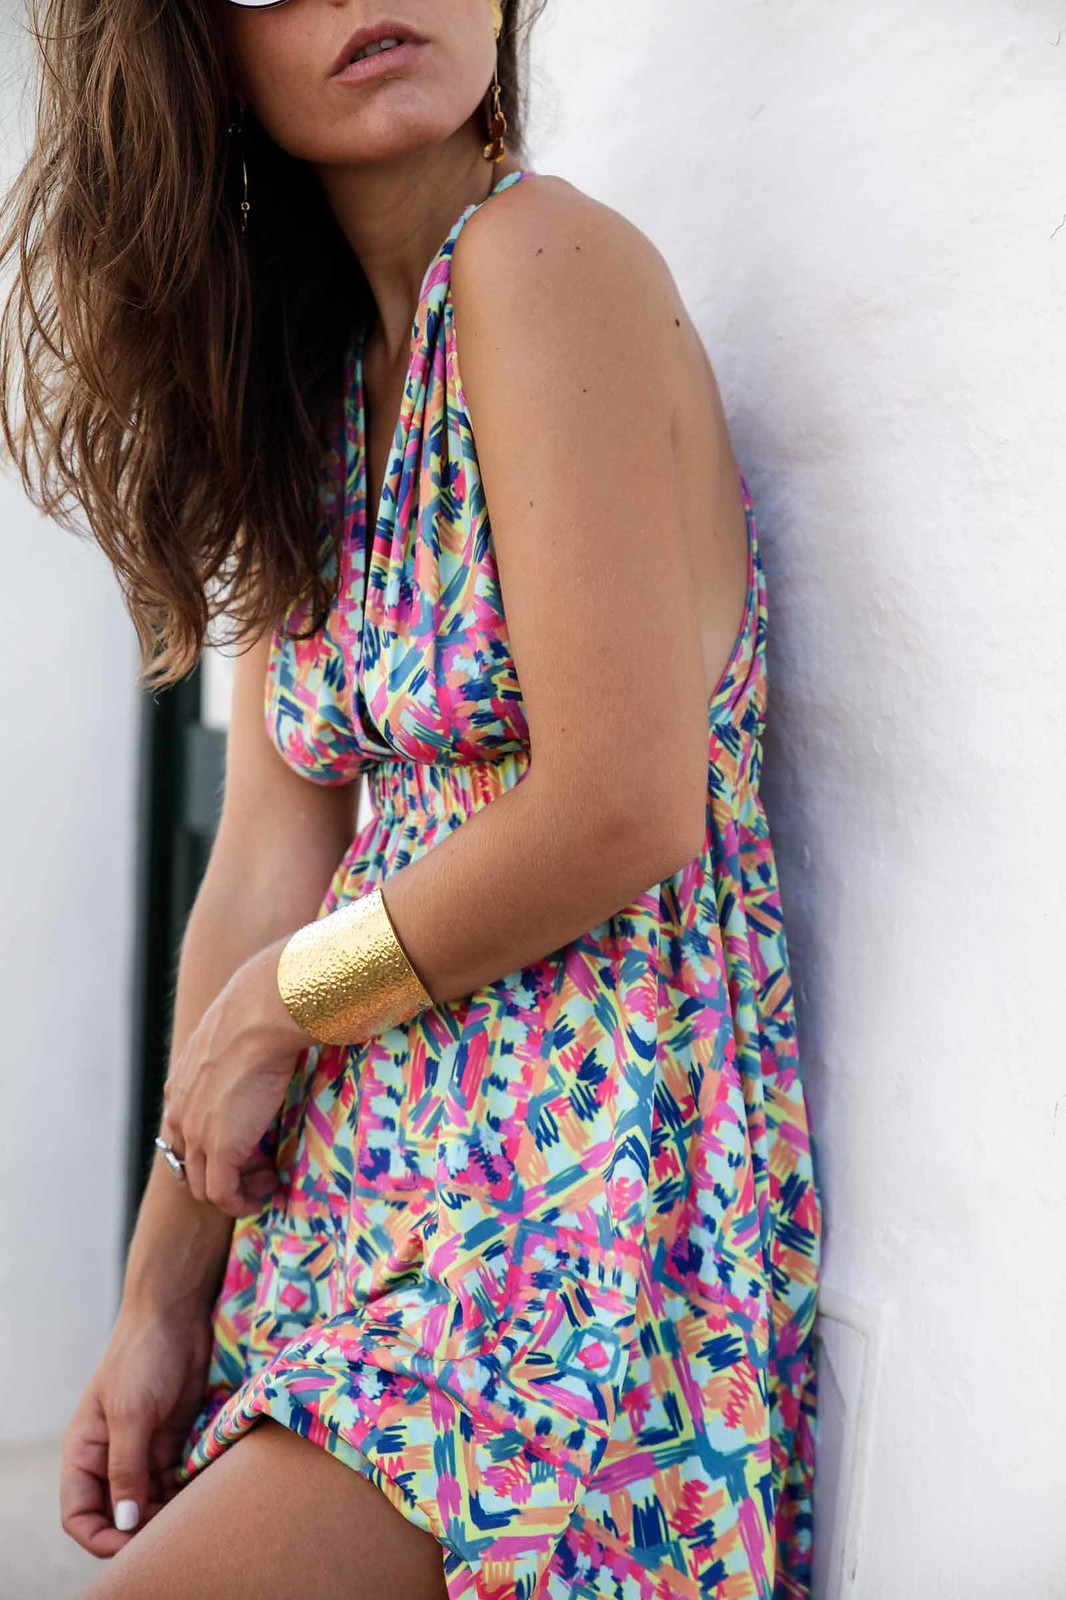 012_vestido_largo_colores_estilo_boho_rüga_chic_casual_street_style_outfit_theguestgirl_